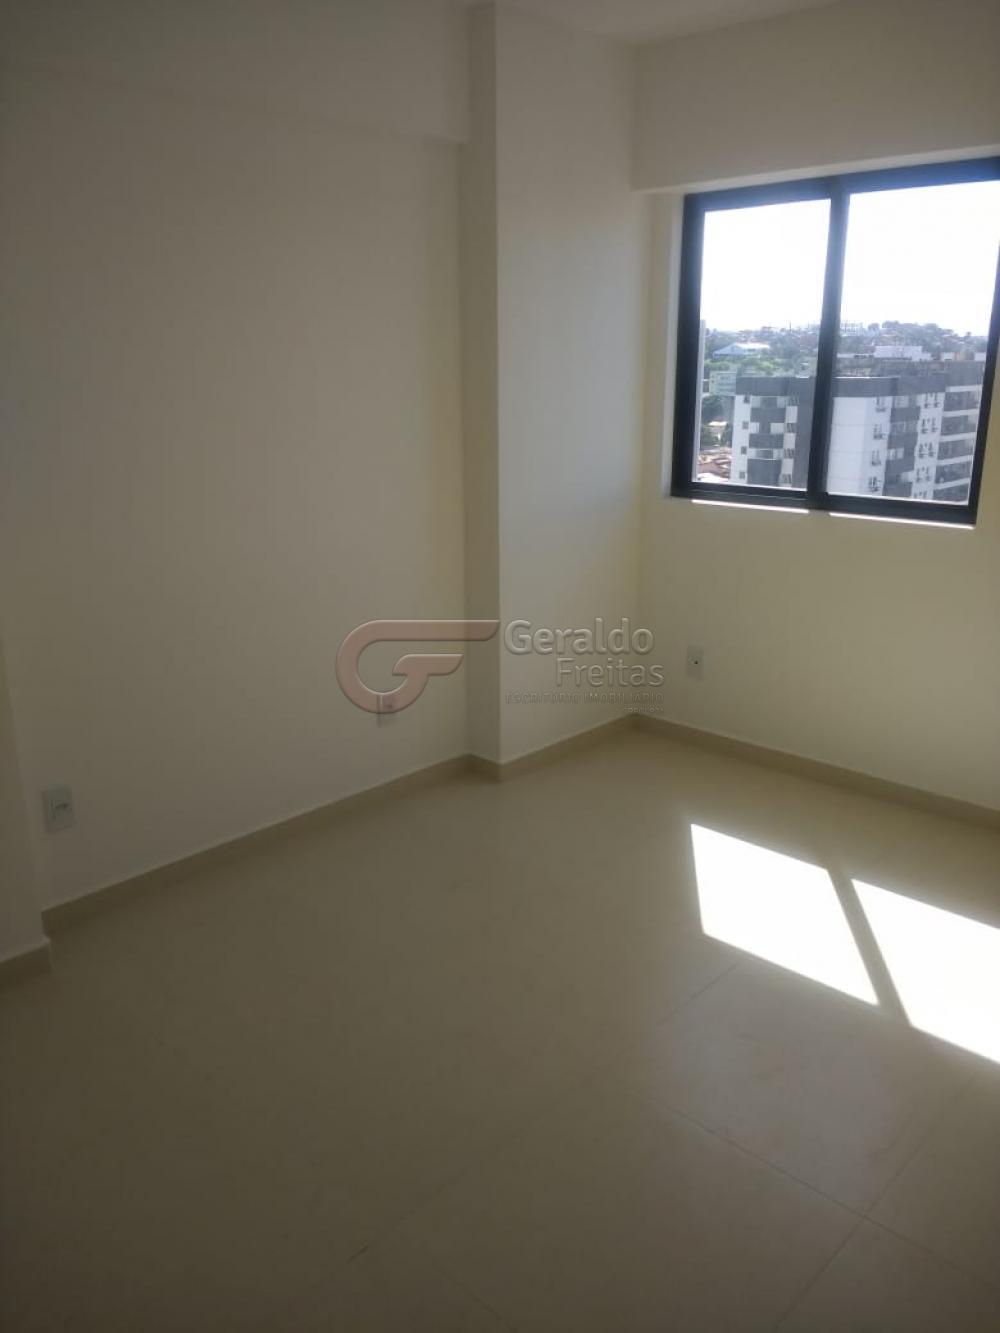 Comprar Apartamentos / Padrão em Maceió apenas R$ 770.000,00 - Foto 14